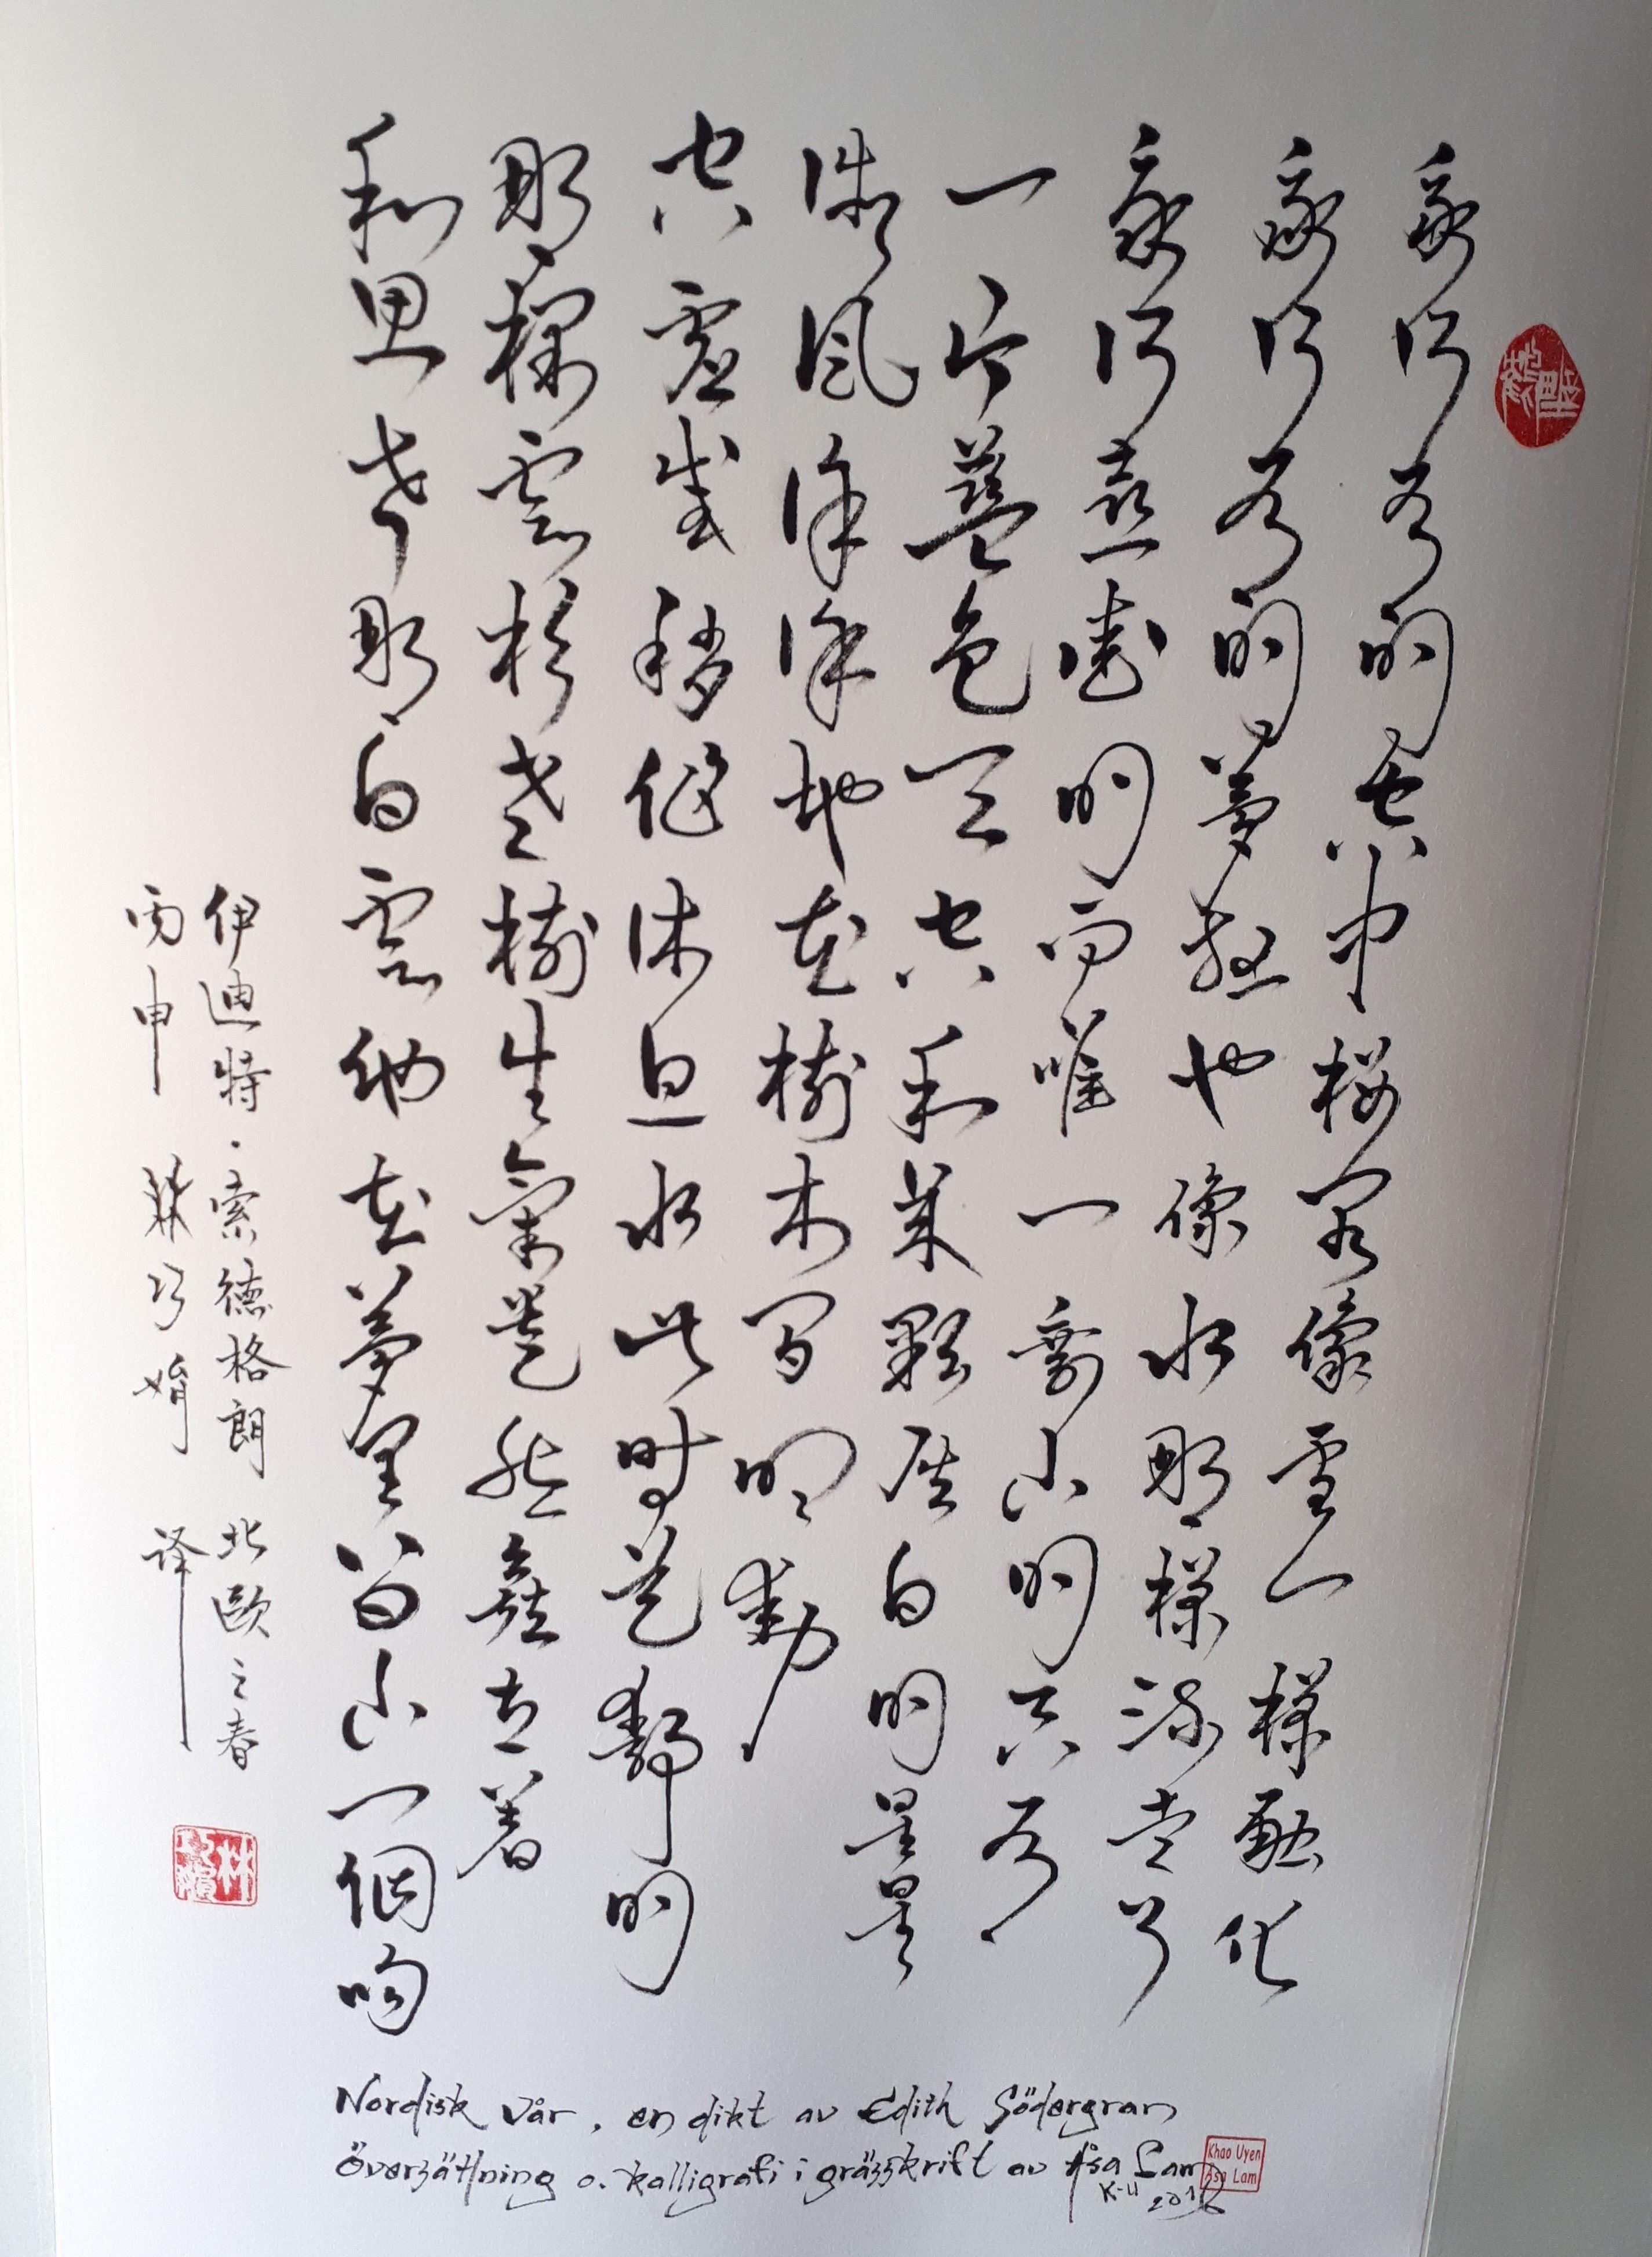 Åsa Lam, Svenska dikter på kinesiska